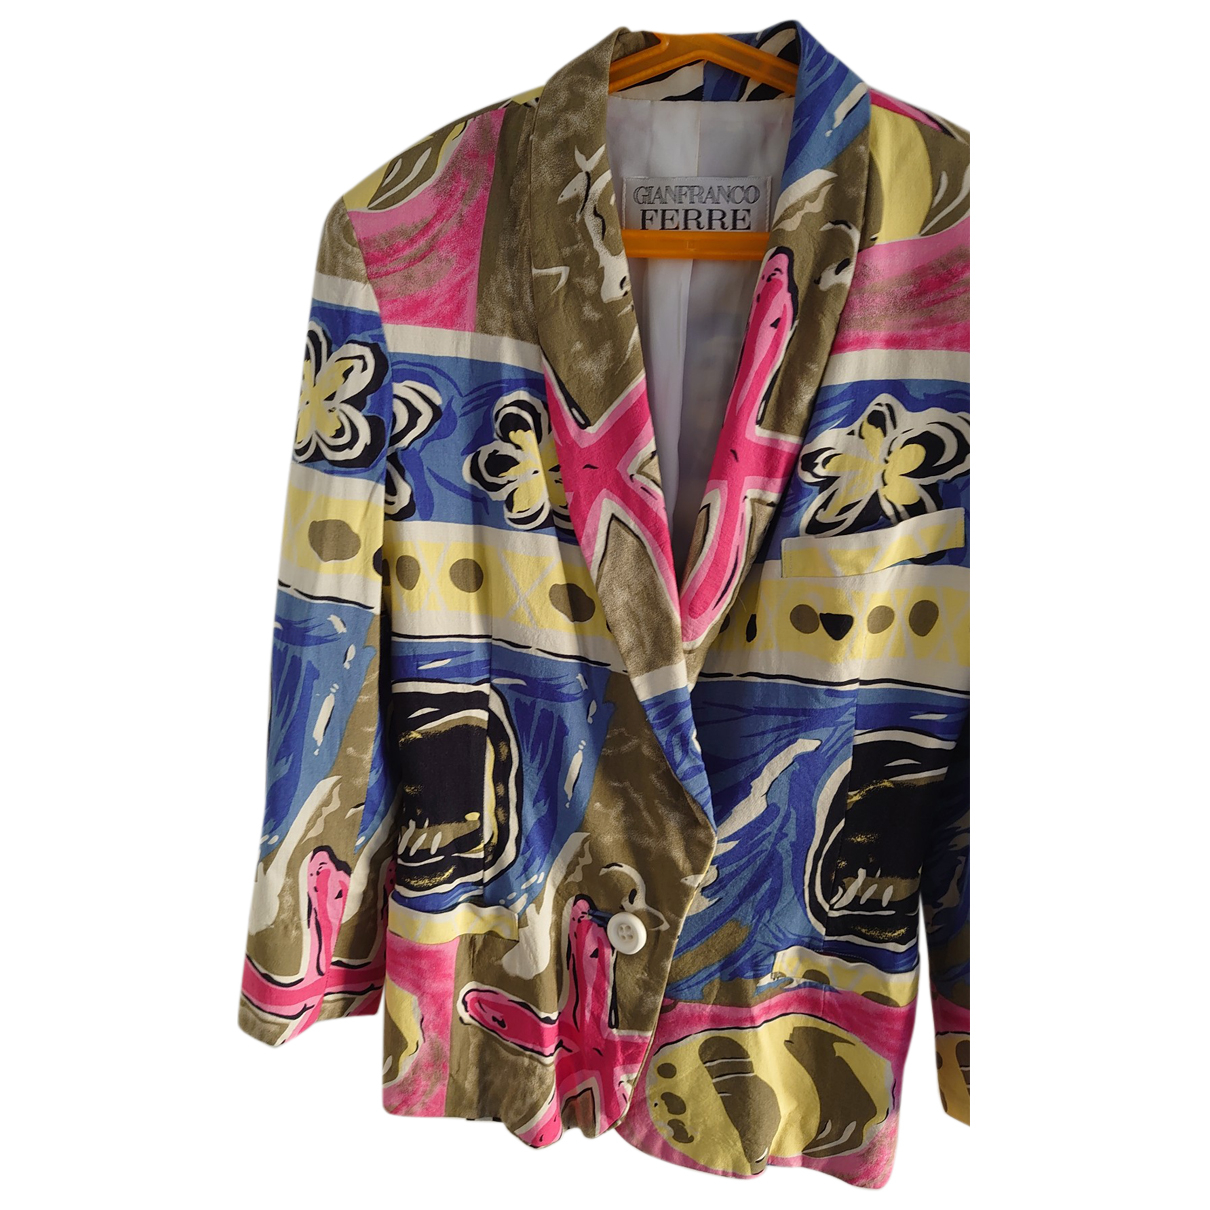 Gianfranco Ferre - Veste   pour femme en coton - multicolore